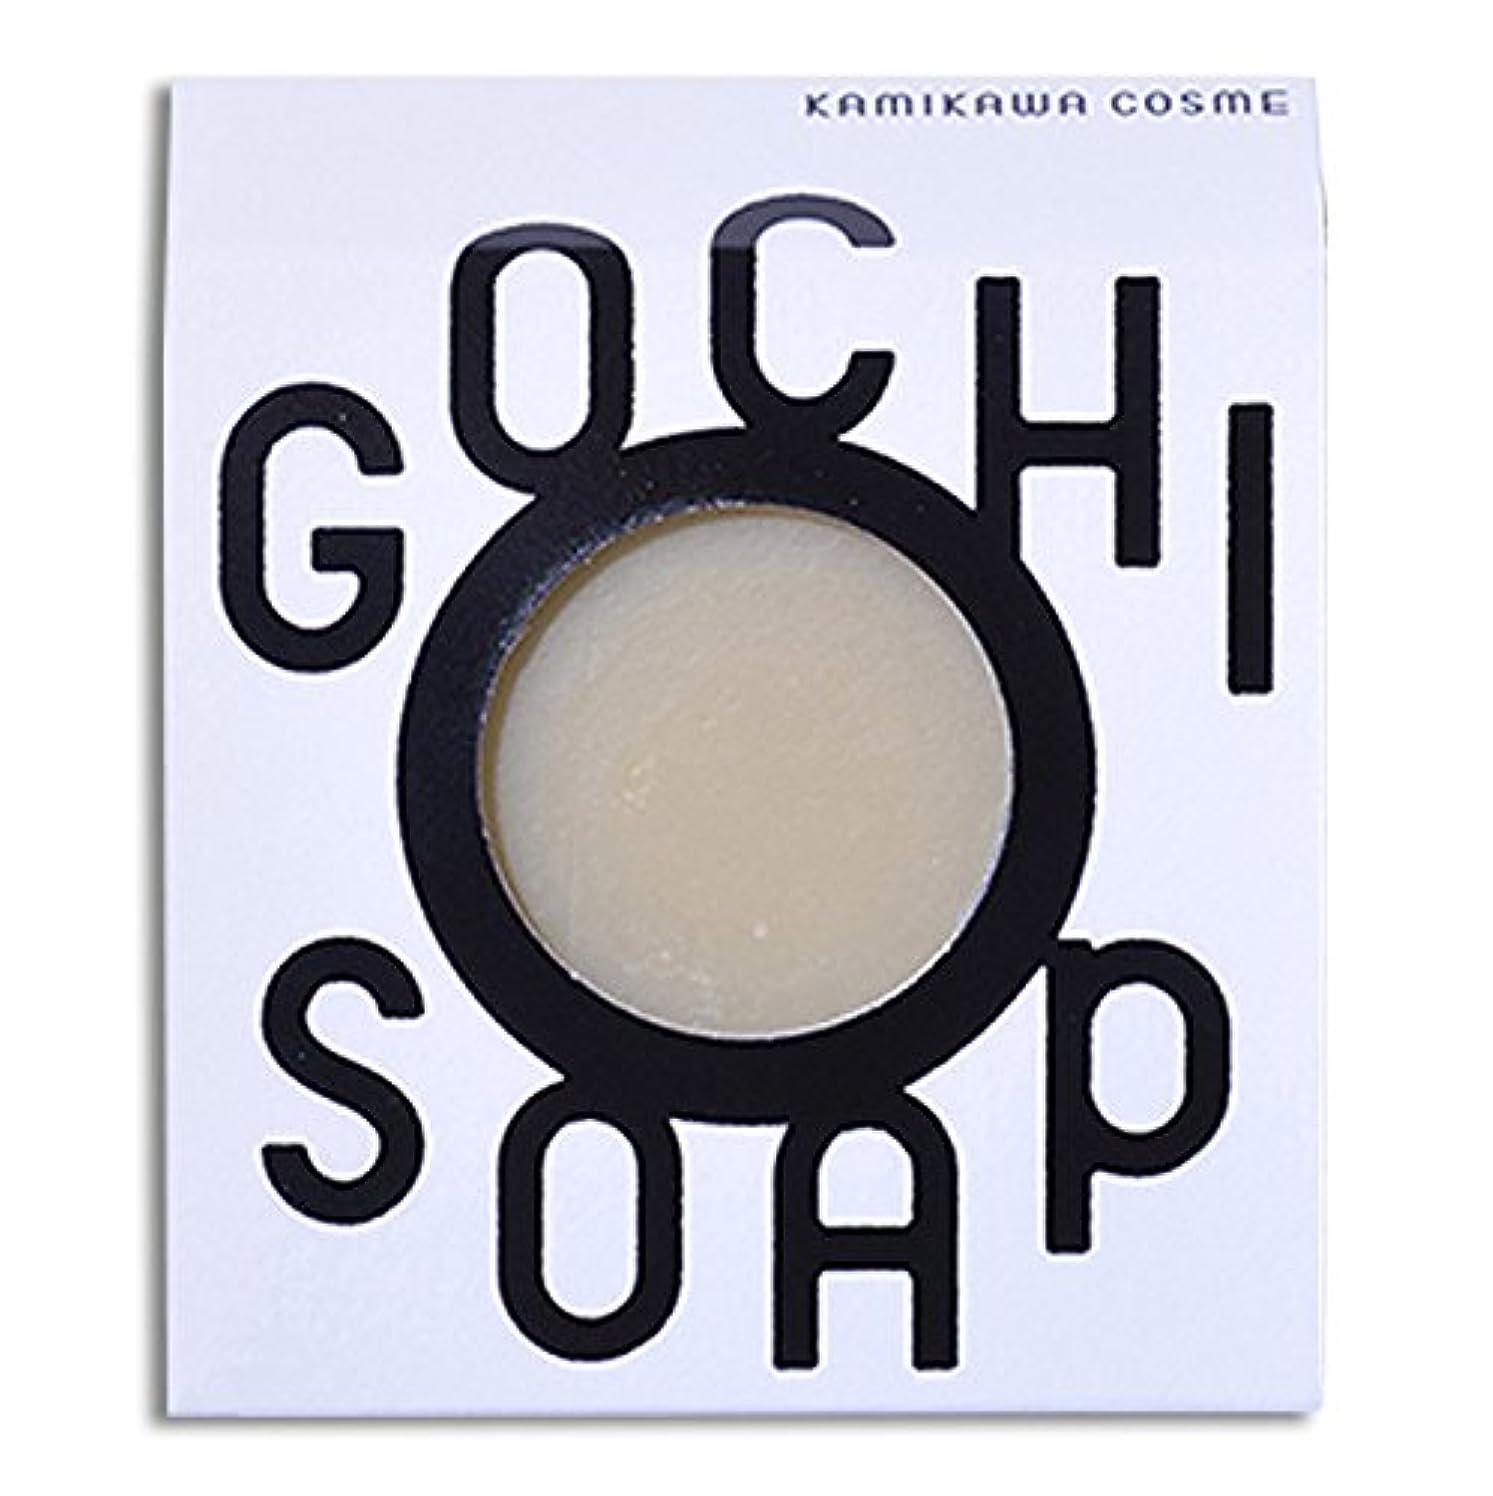 道北の素材を使用したコスメブランド GOCHI SOAP(伊勢ファームの牛乳ソープ?平田こうじ店の米糀ソープ)各1個セット